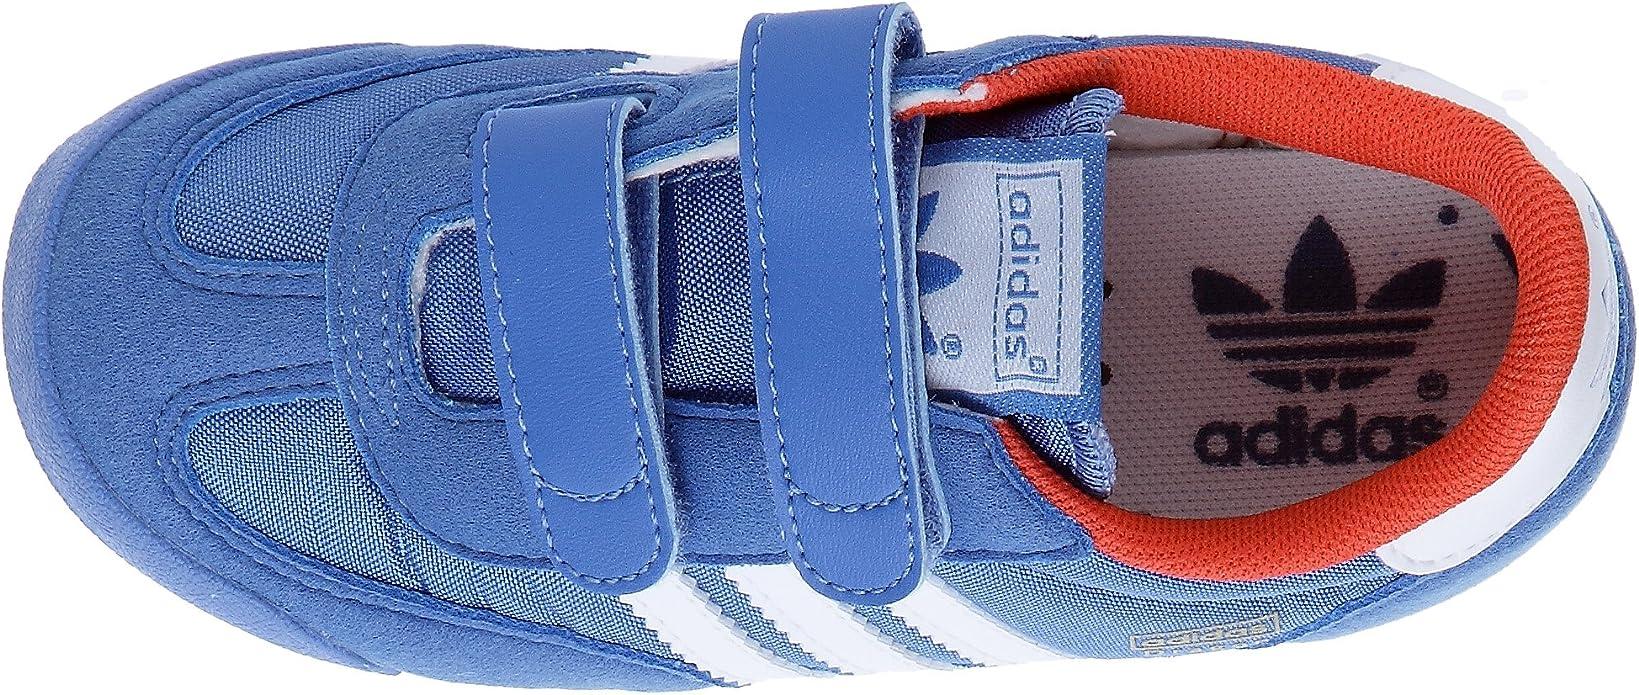 adidas Originals Dragon CMF I, Baskets mode enfant, Bleu/Blanc ...